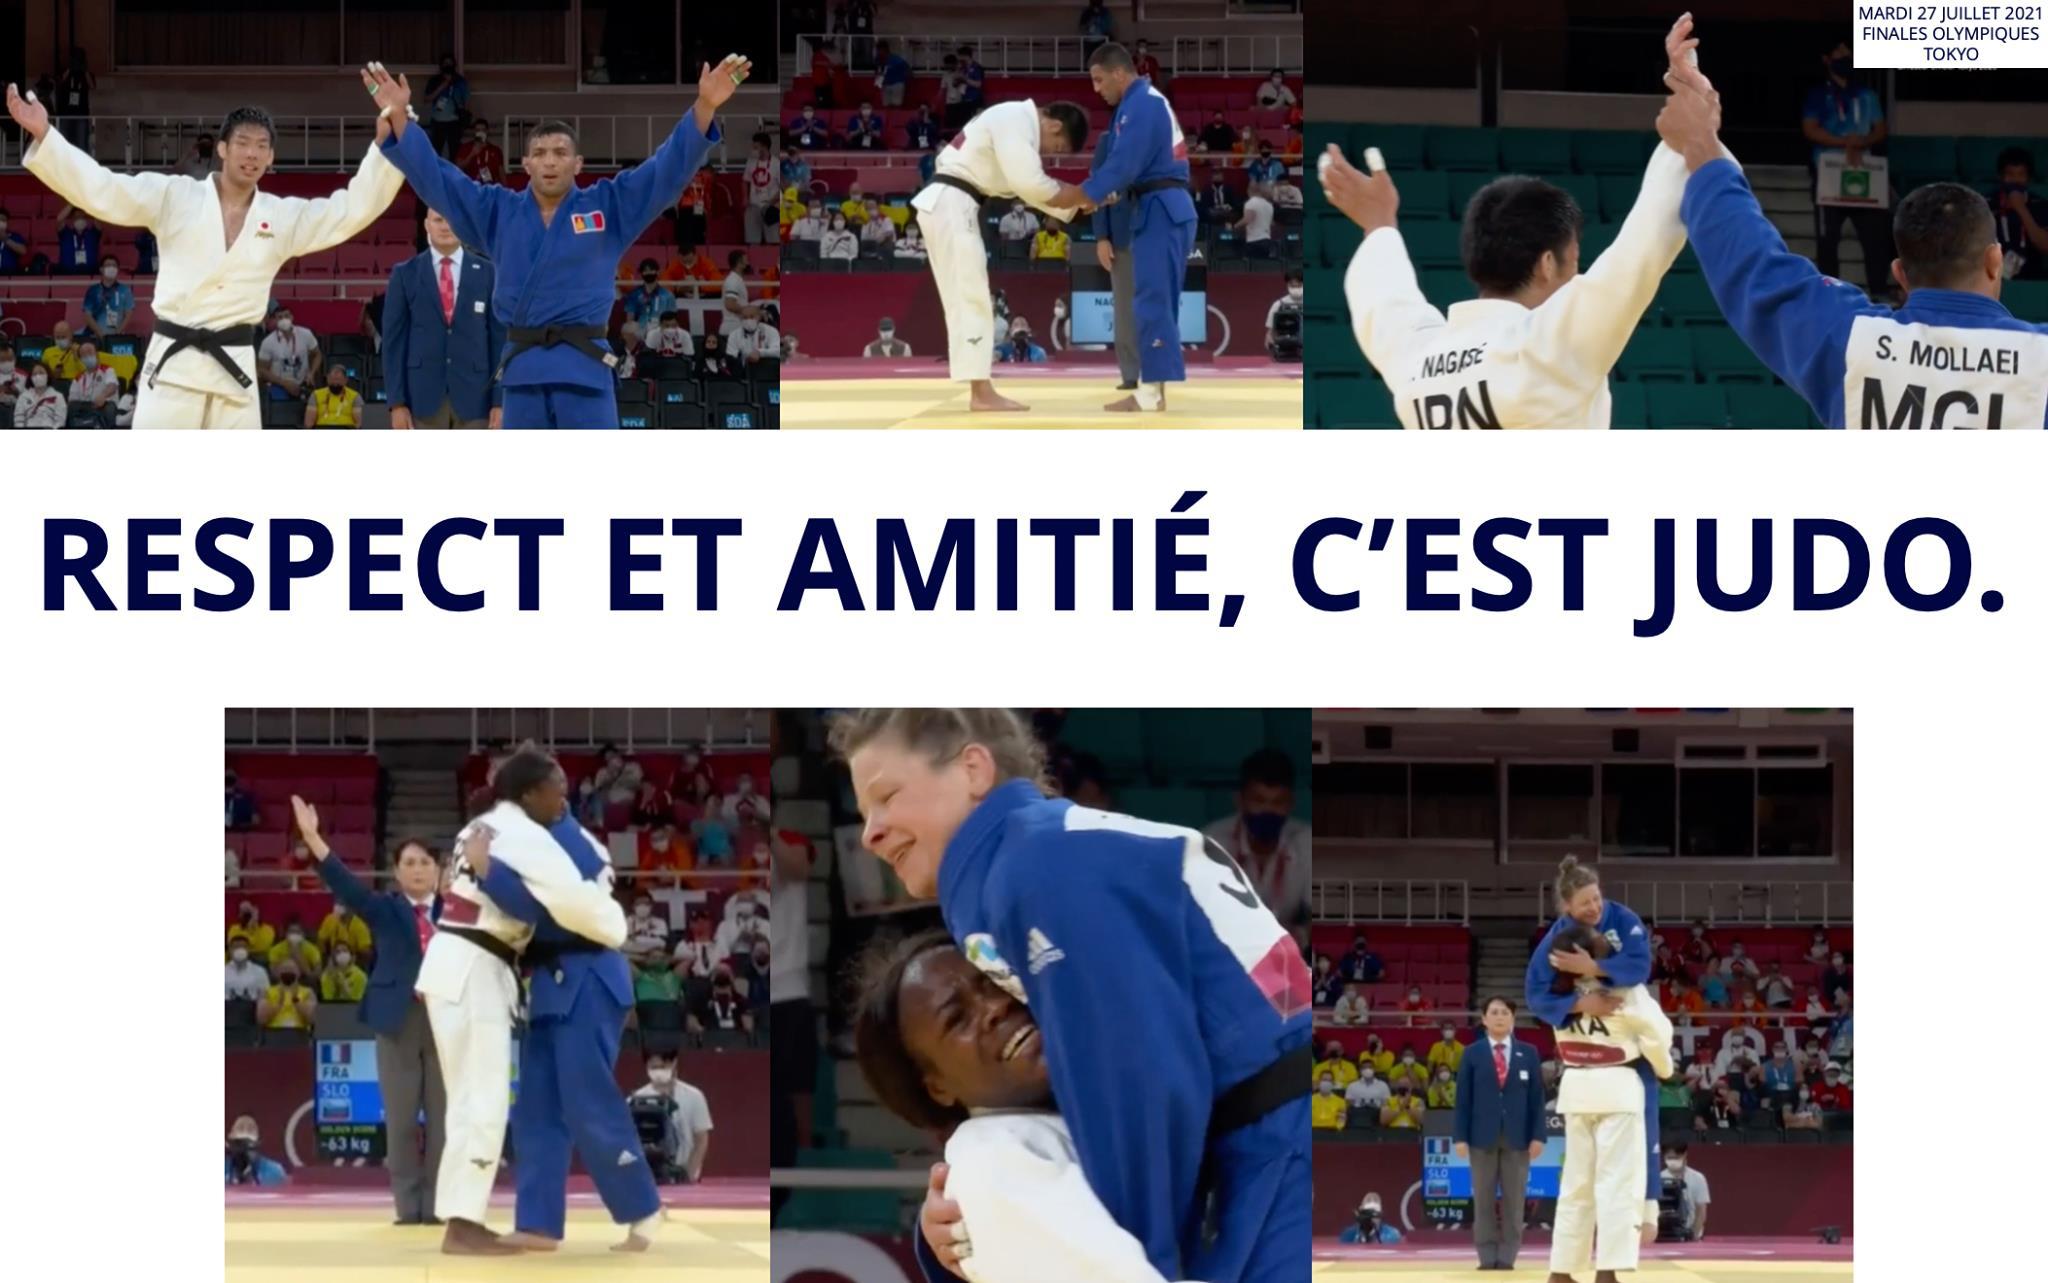 L'amitié judo